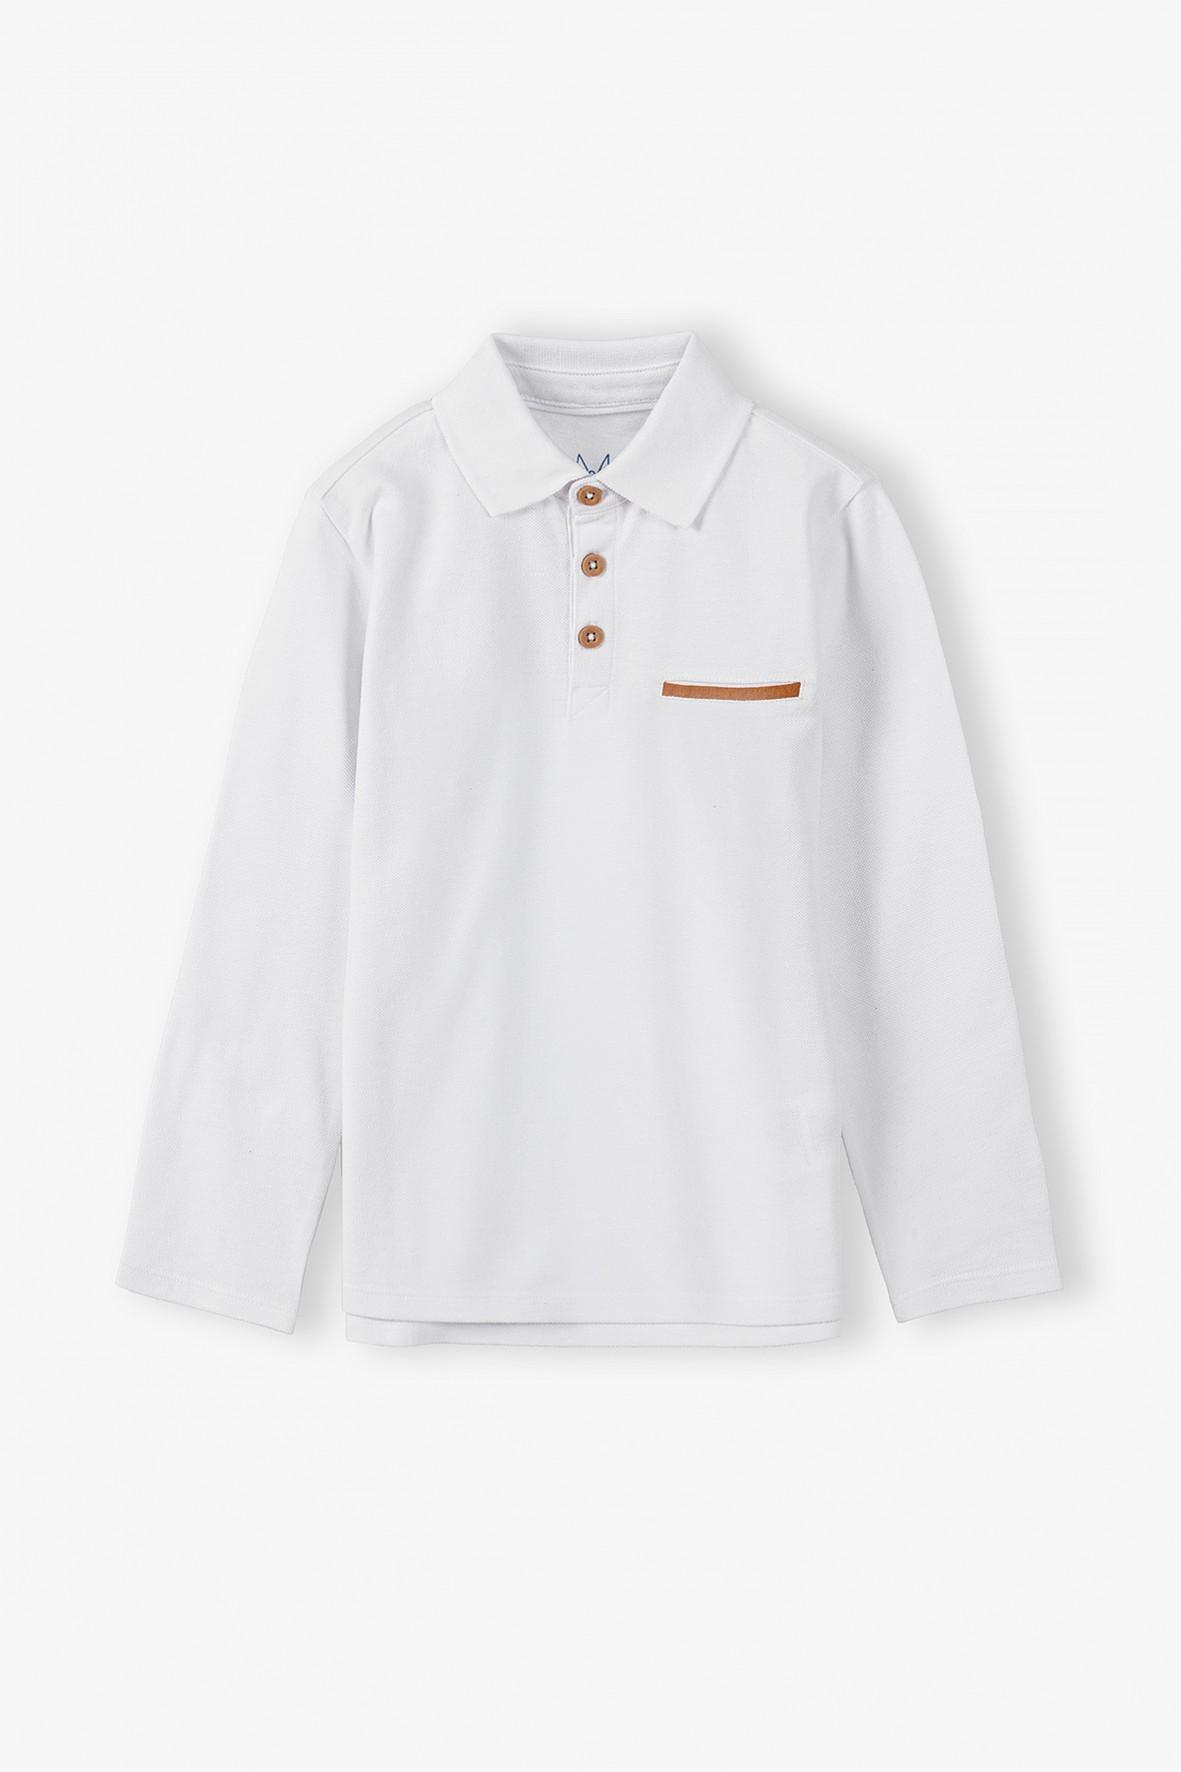 Bawełniana bluzka chłopięca w kolorze białym z kołnierzykiem